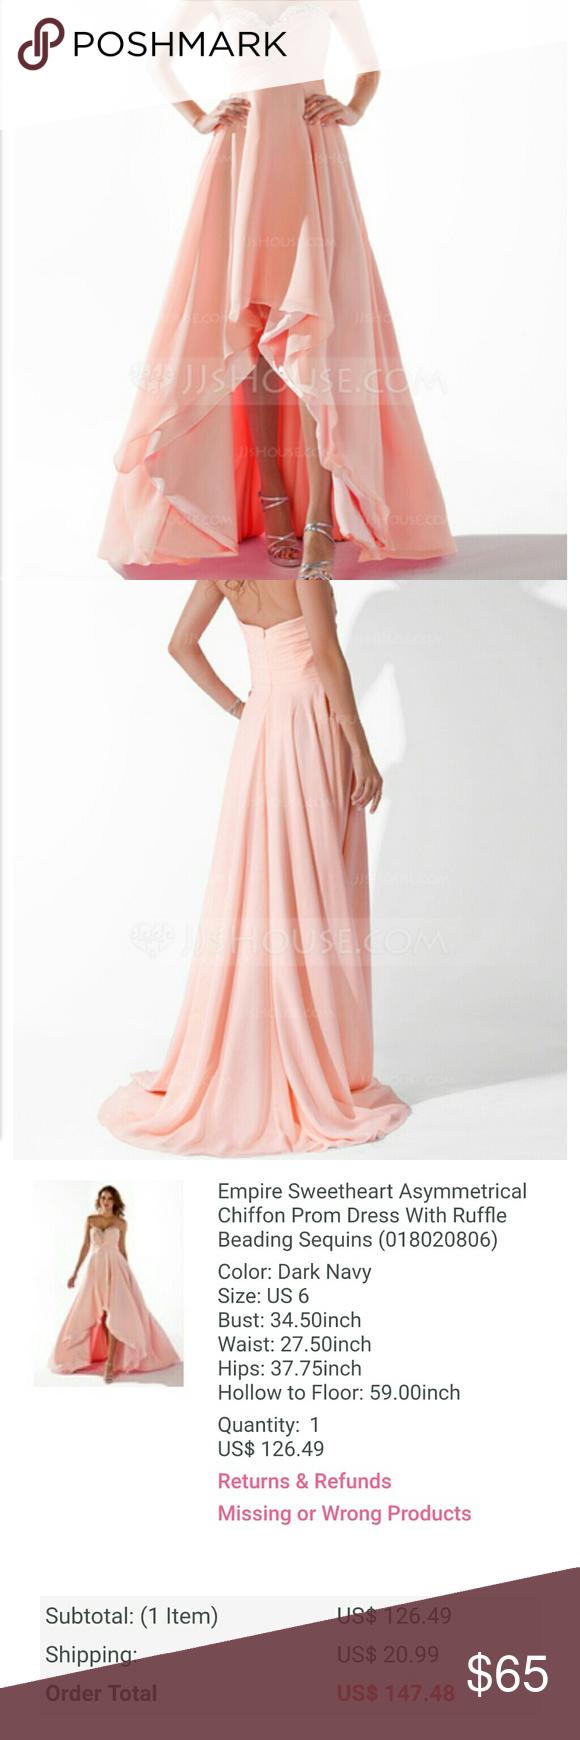 Vistoso Vestidos De Fiesta Charlotte Russe Ornamento - Colección de ...